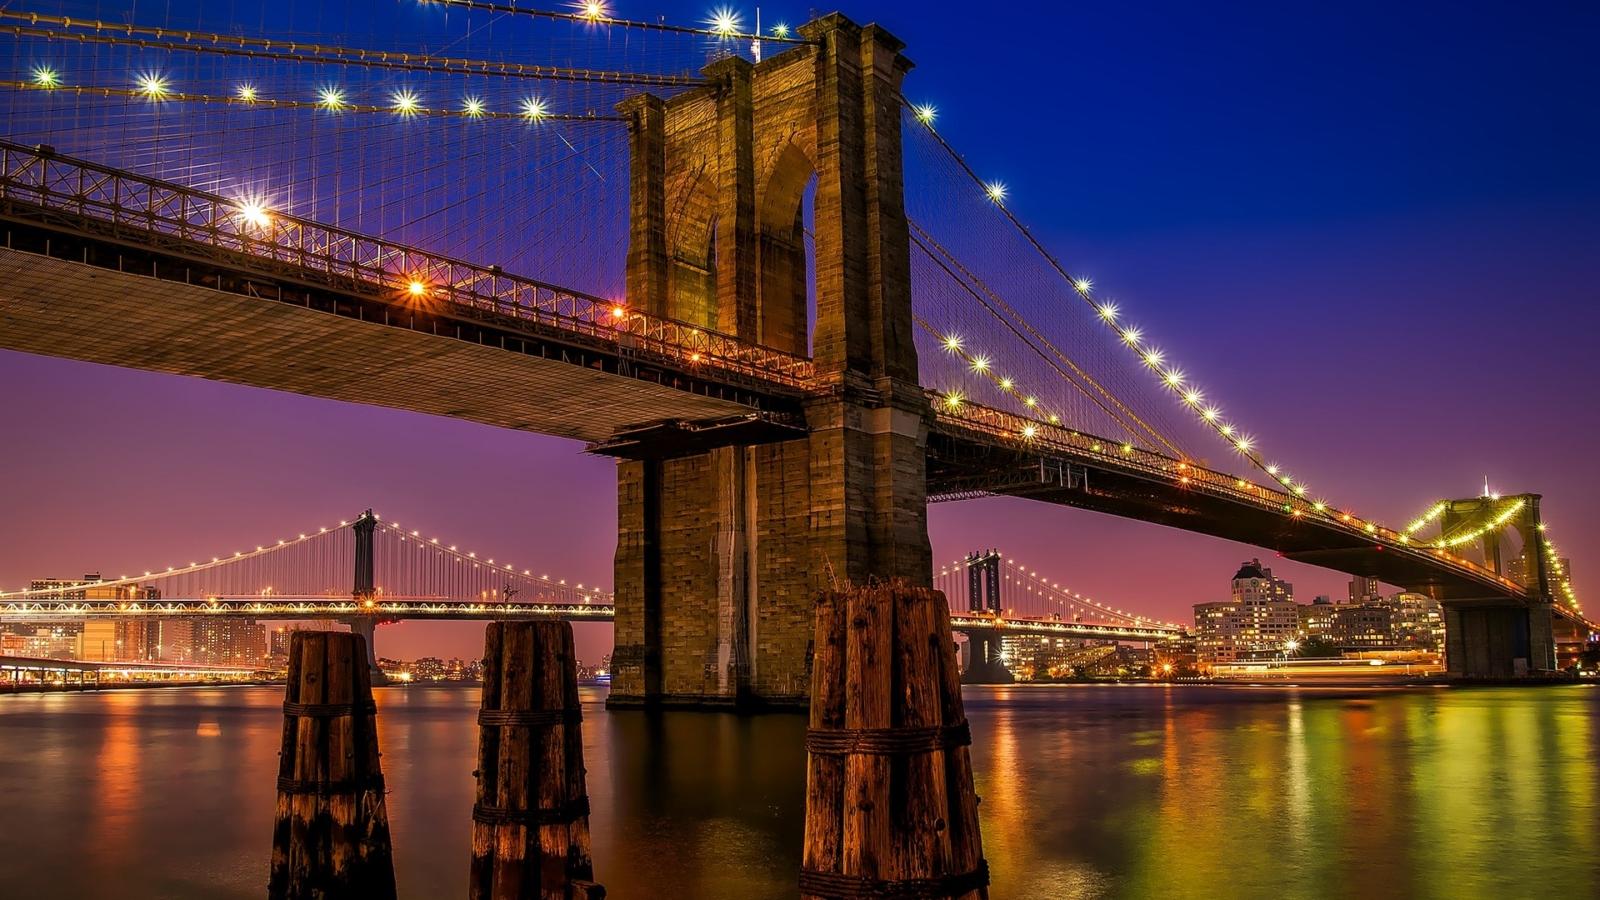 brooklyn-bridge-1791001_1920-min